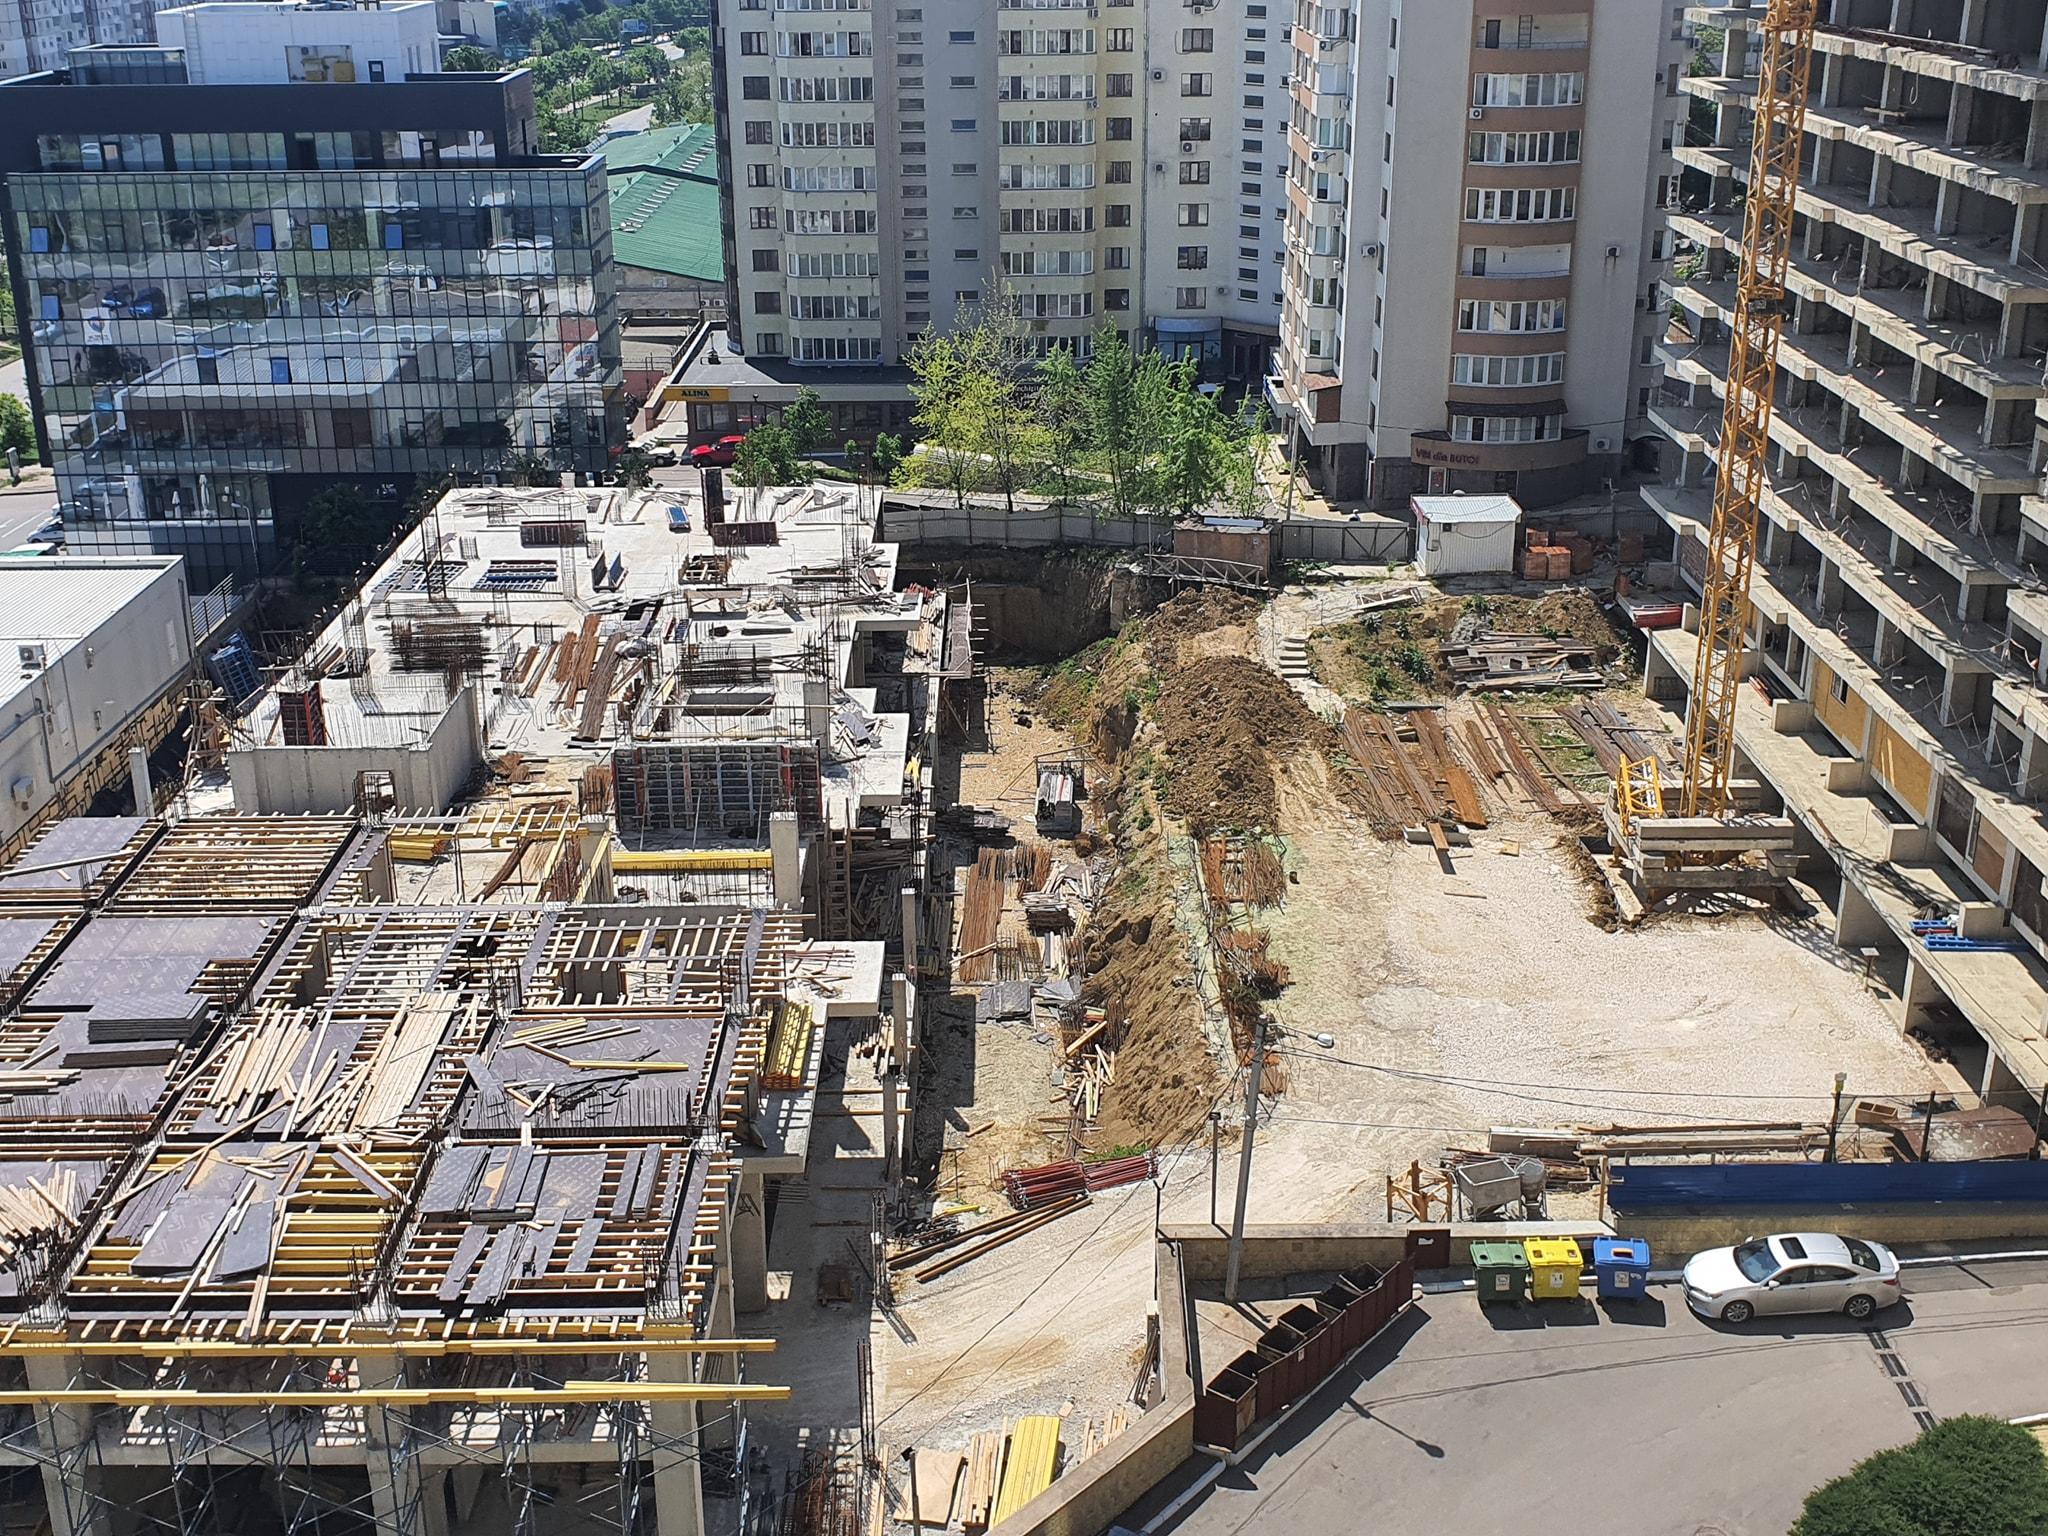 Șantierul în septembrie 2020. Sursa: https://www.facebook.com/groups/pentru.chisinau